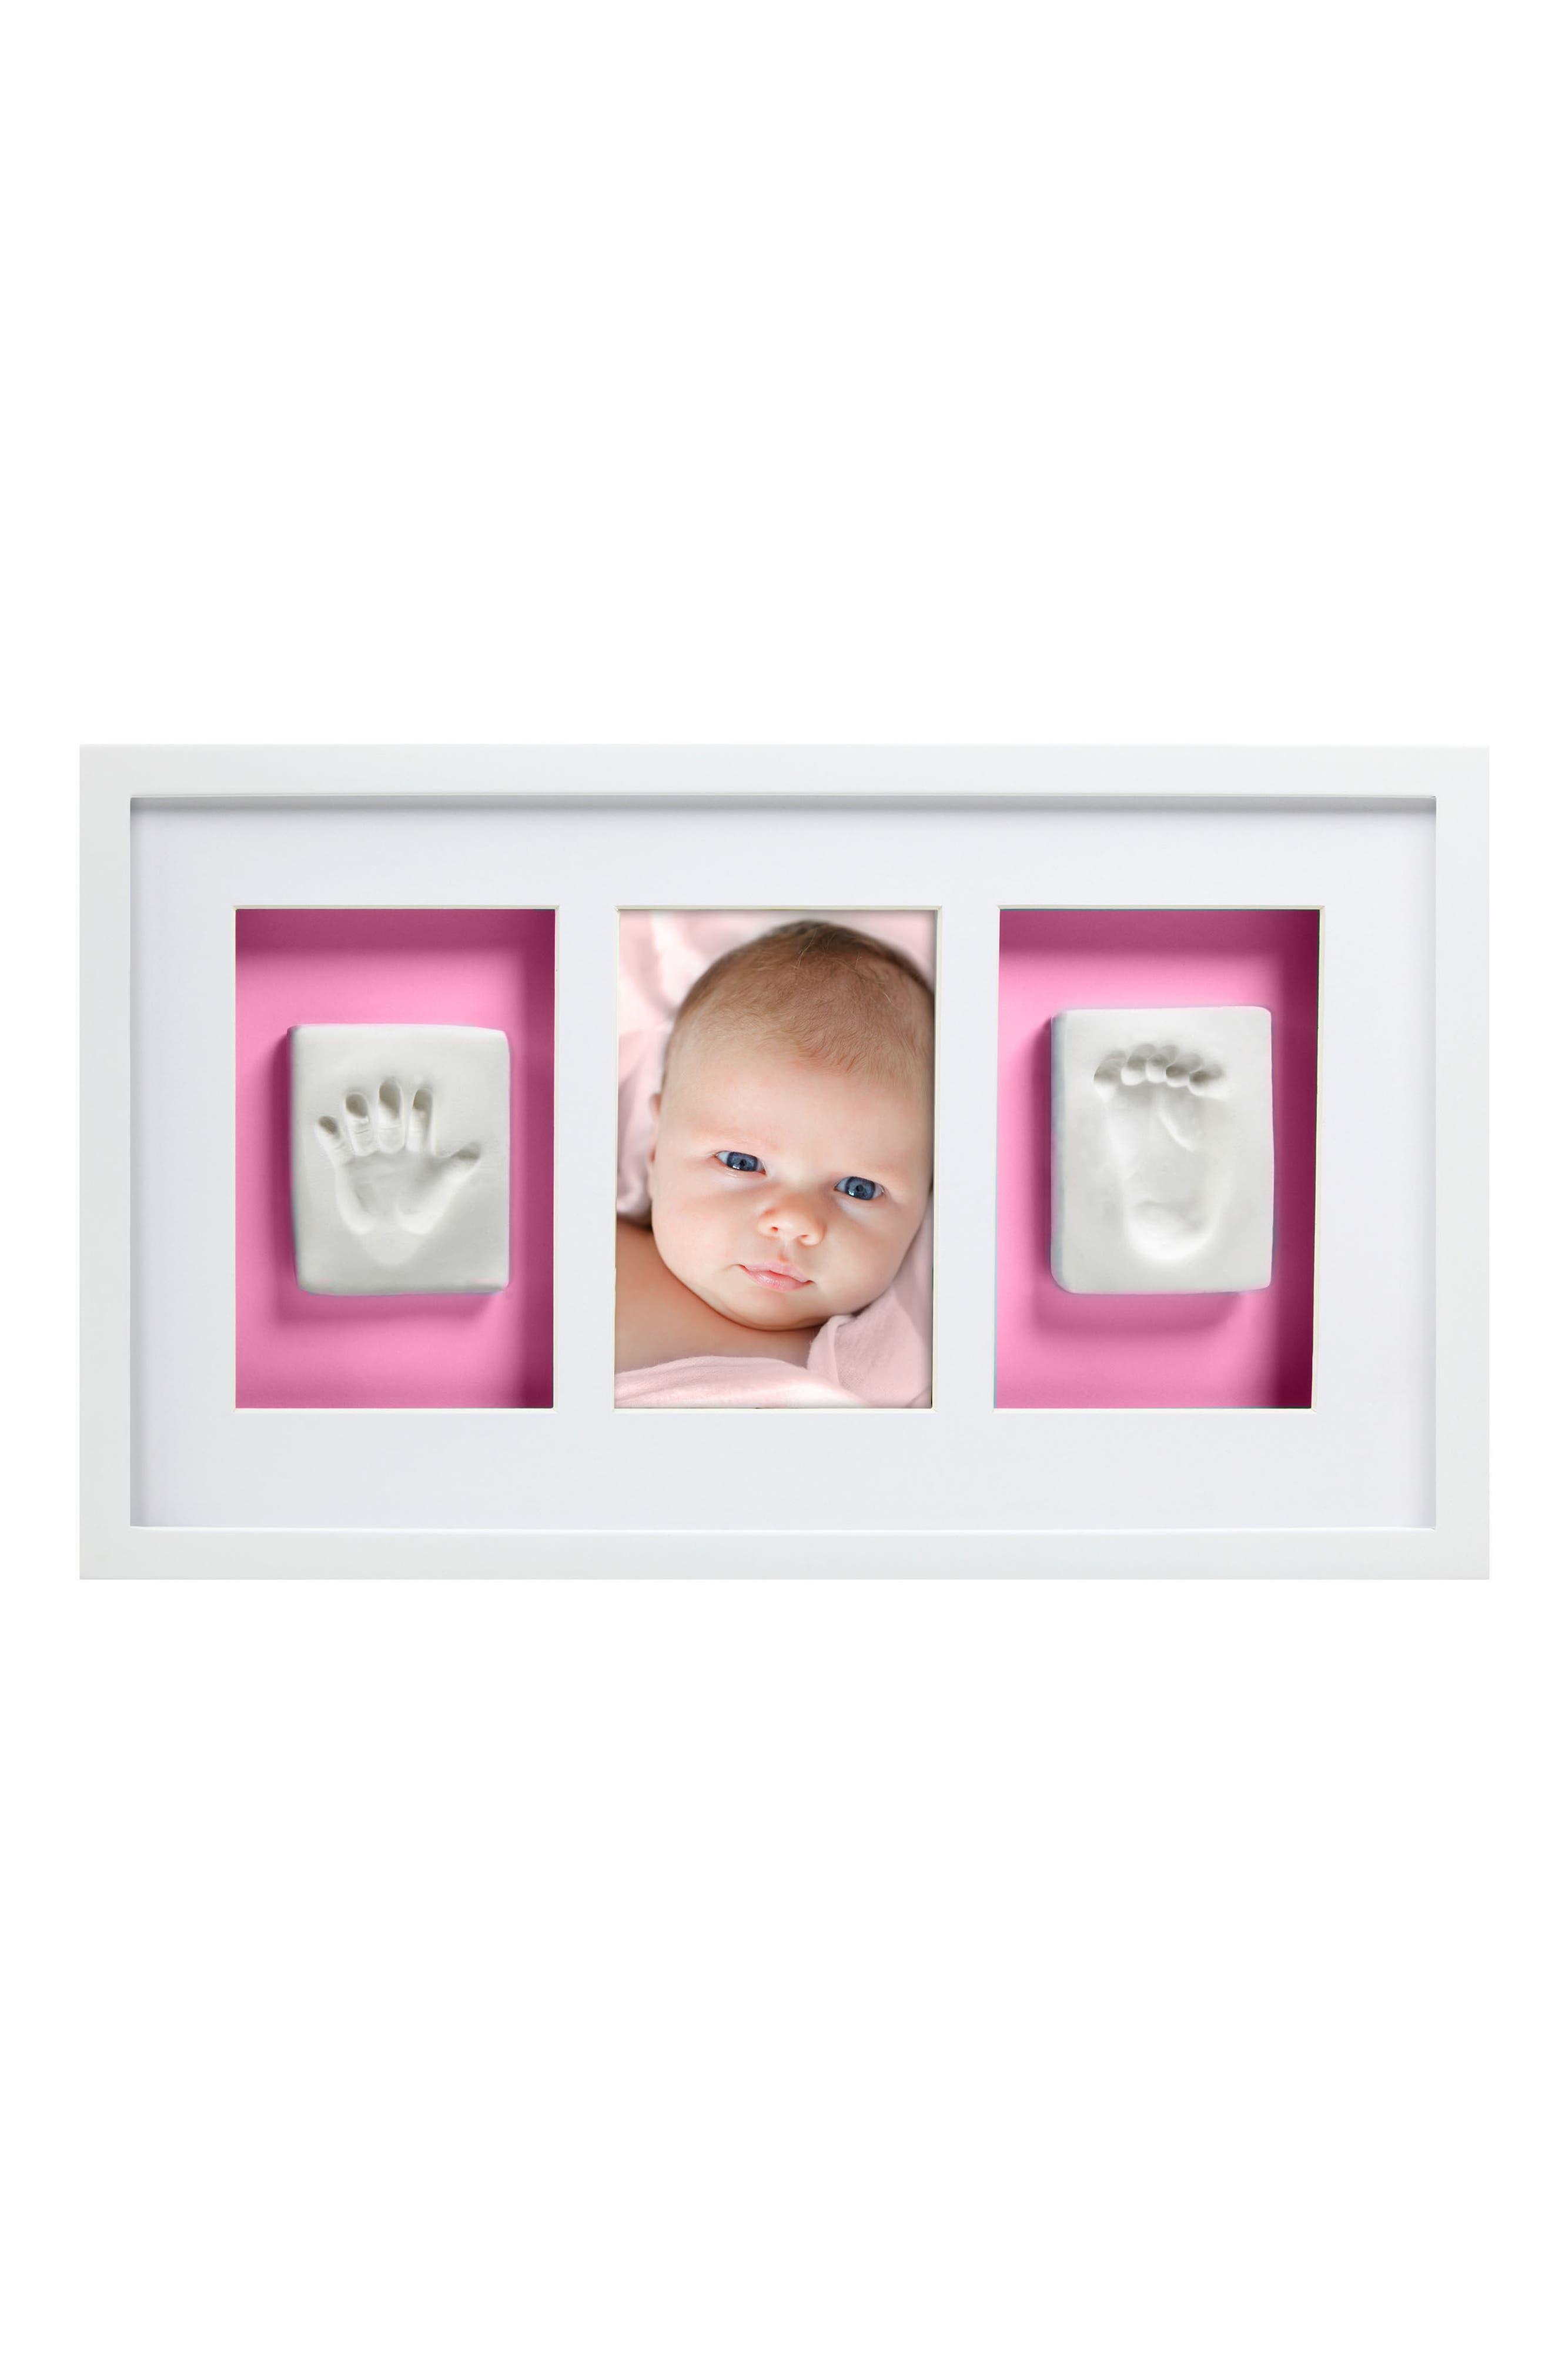 Babyprints Deluxe Wall Frame Kit,                             Alternate thumbnail 2, color,                             White